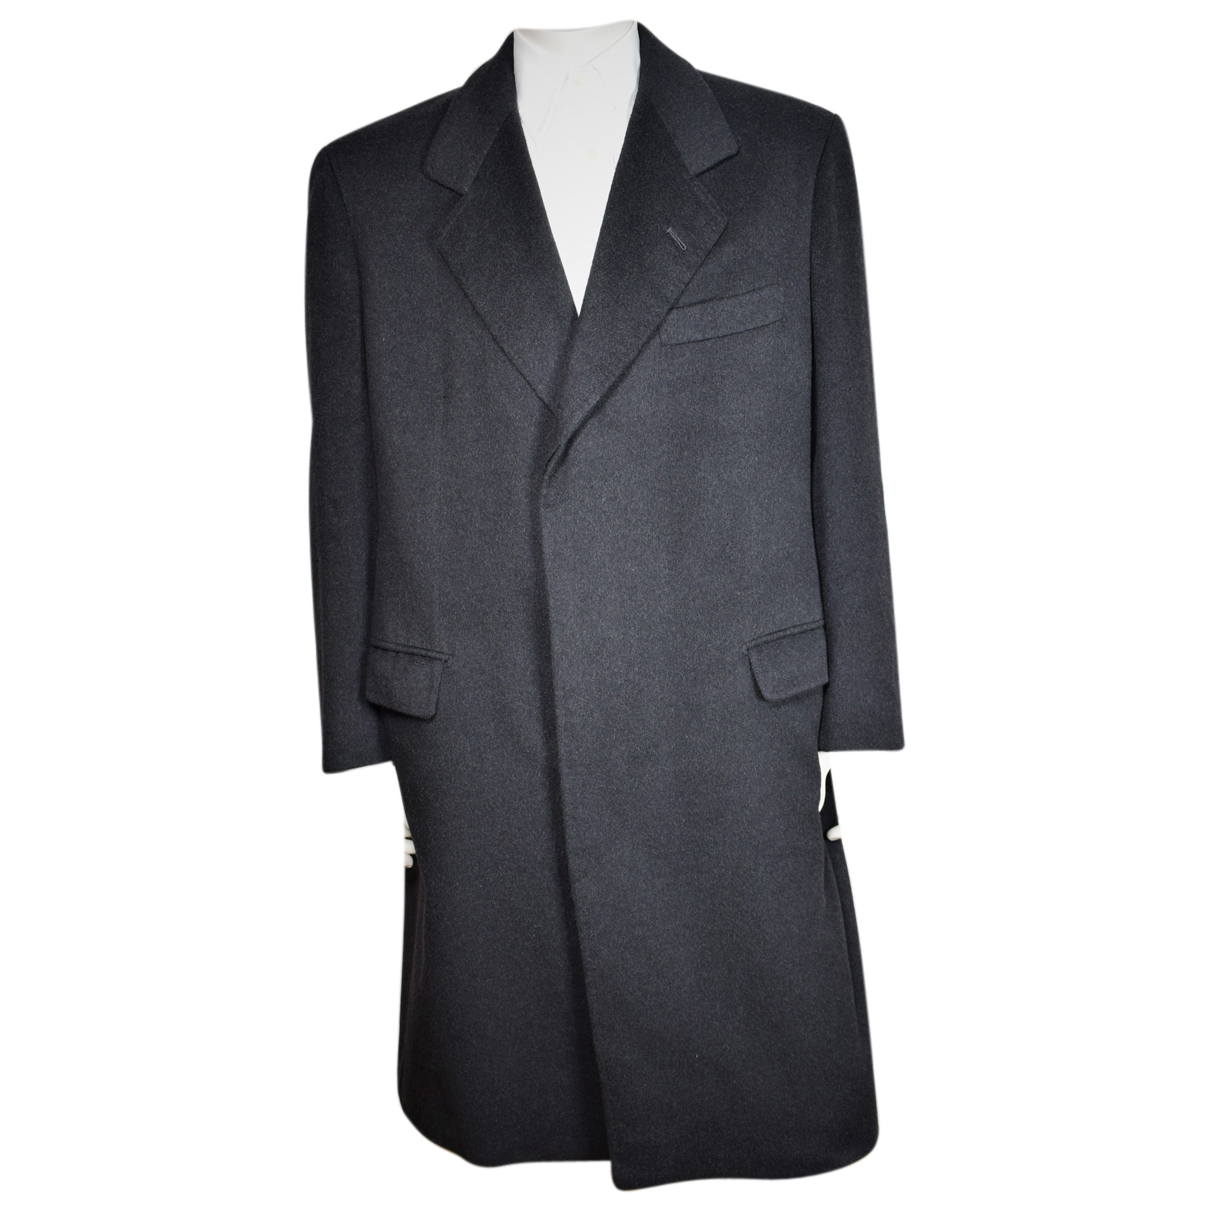 Autre Marque - Manteau   pour homme en cachemire - noir